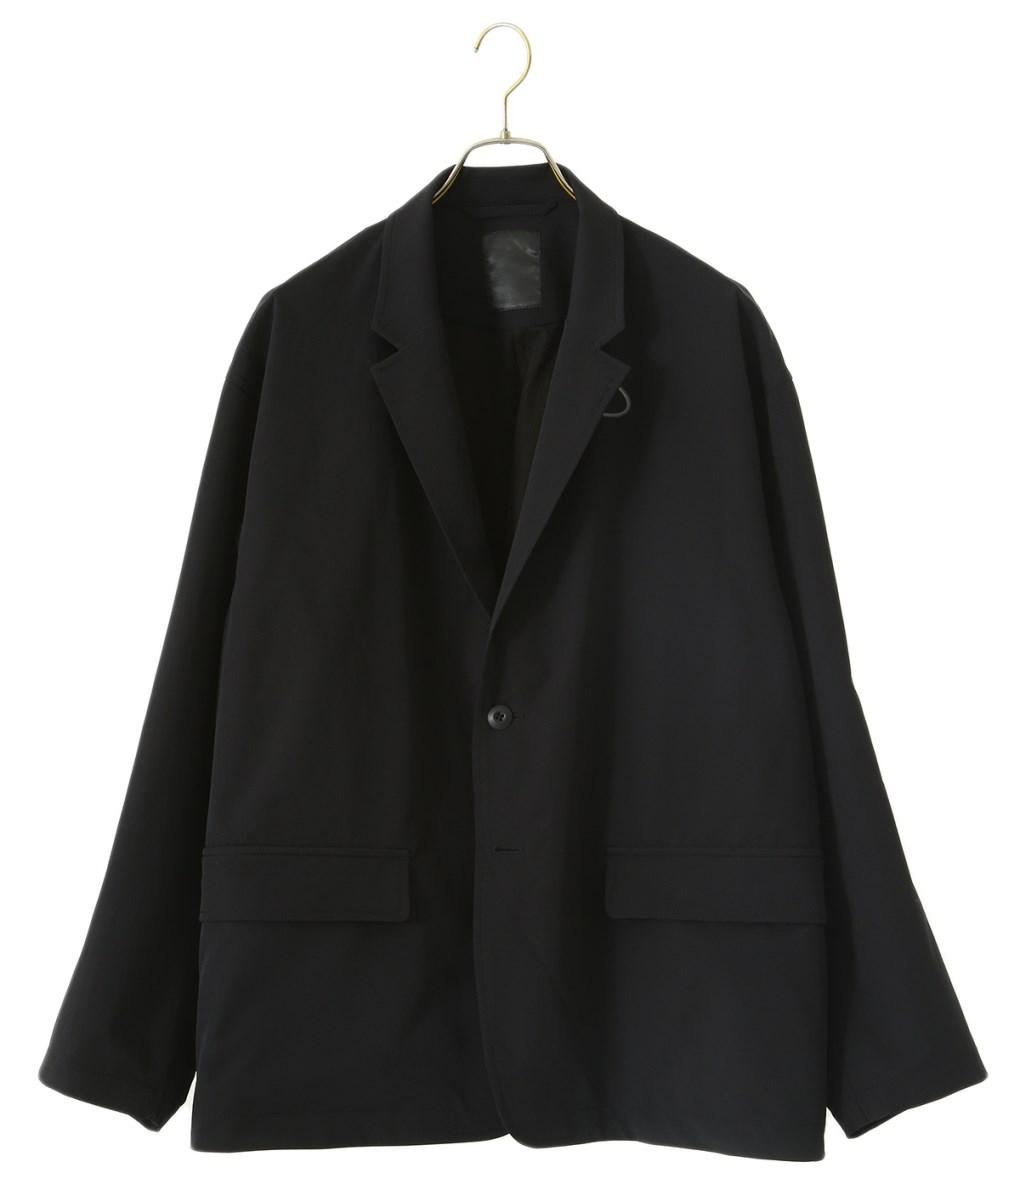 メンズファッション, コート・ジャケット !DAIWA PIER39 Loose Stretch 2B Jacket 4 BJ-55020 PIEREA